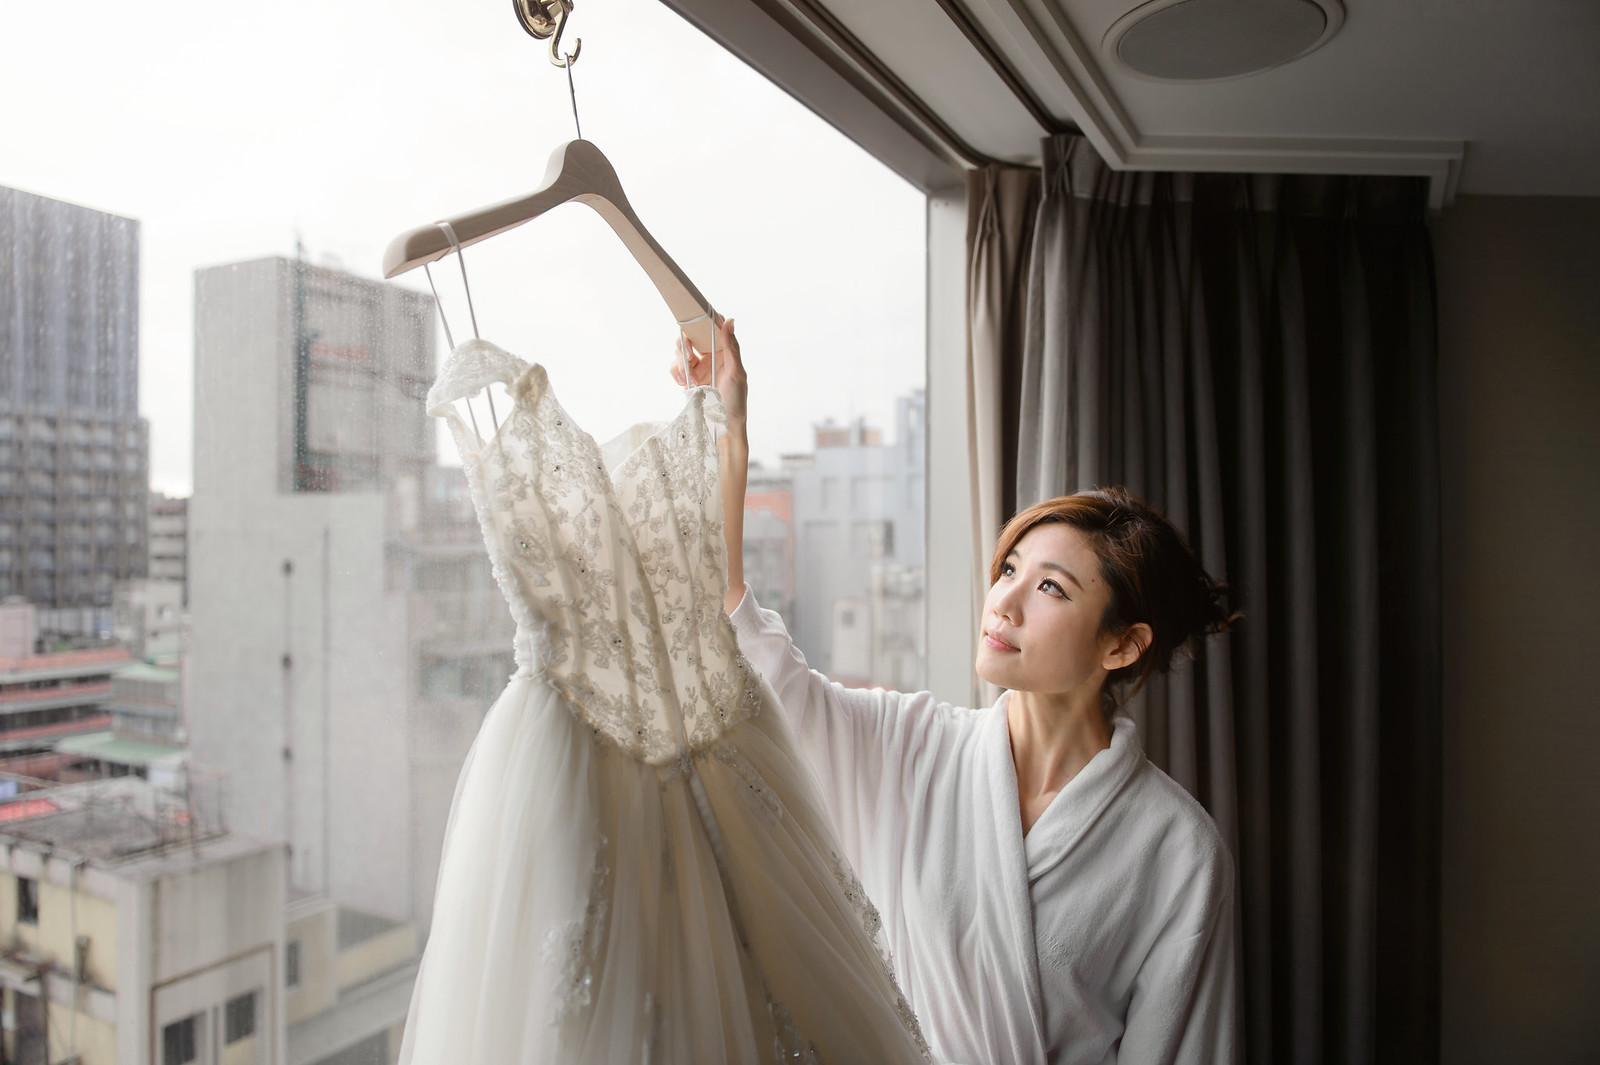 台北婚攝, 婚禮攝影, 婚攝, 婚攝守恆, 婚攝推薦, 晶華酒店, 晶華酒店婚宴, 晶華酒店婚攝-6